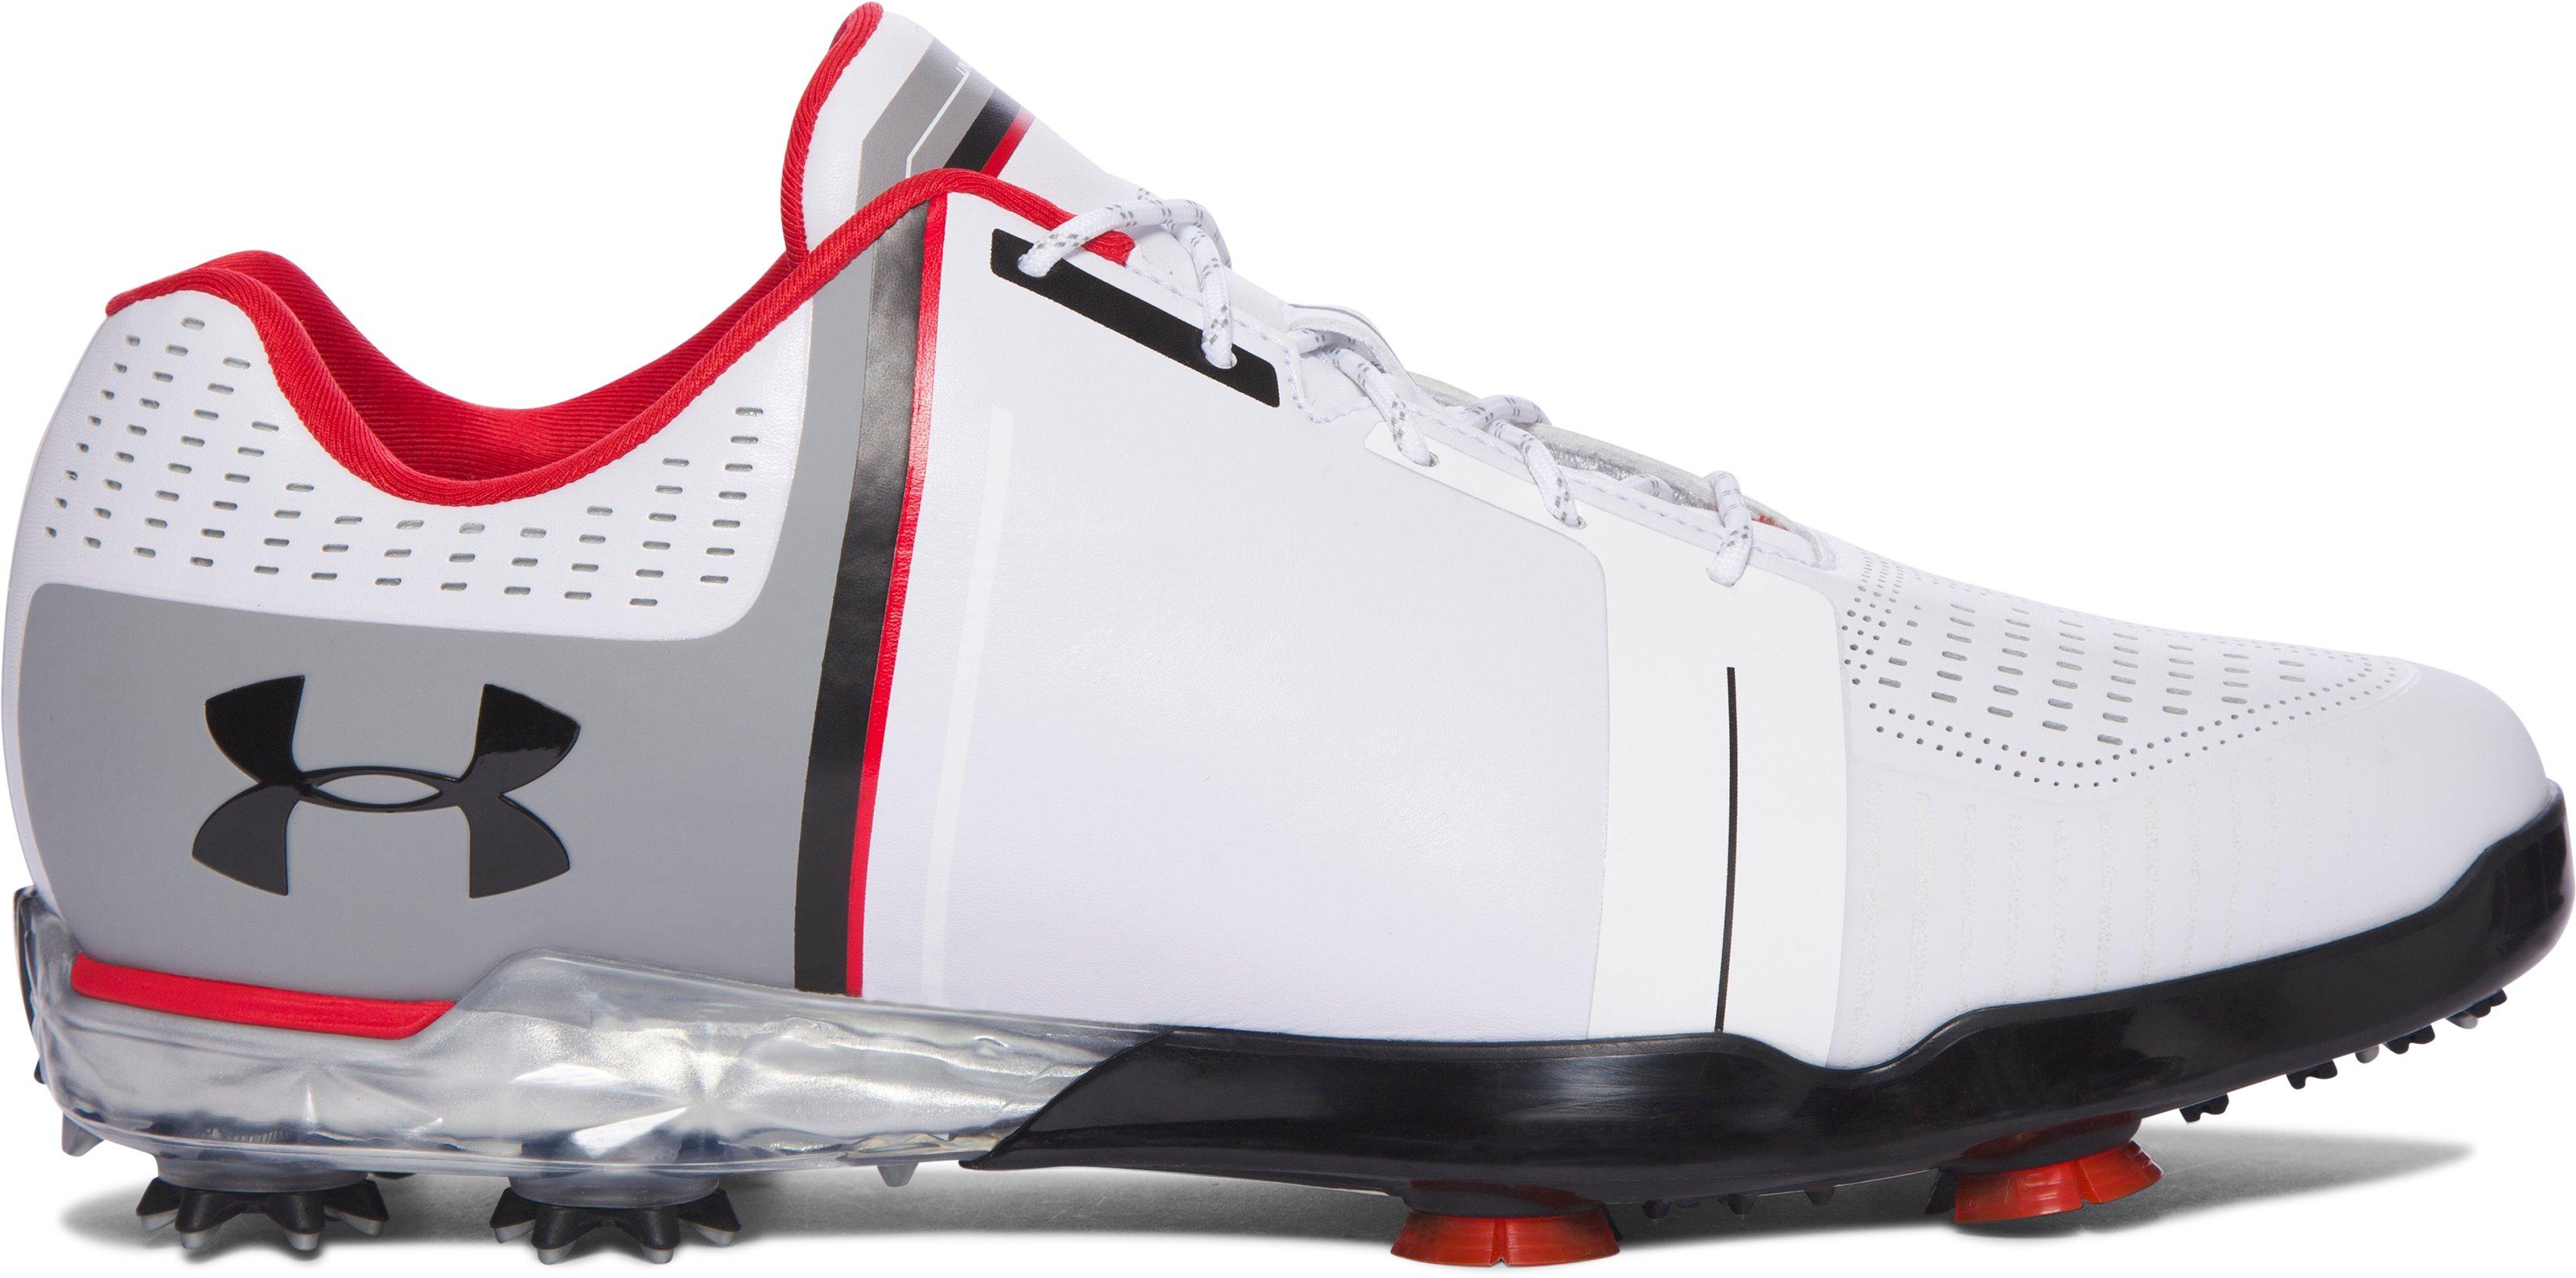 Zapatillas de golf UA Spieth One para hombre, 360 degree view